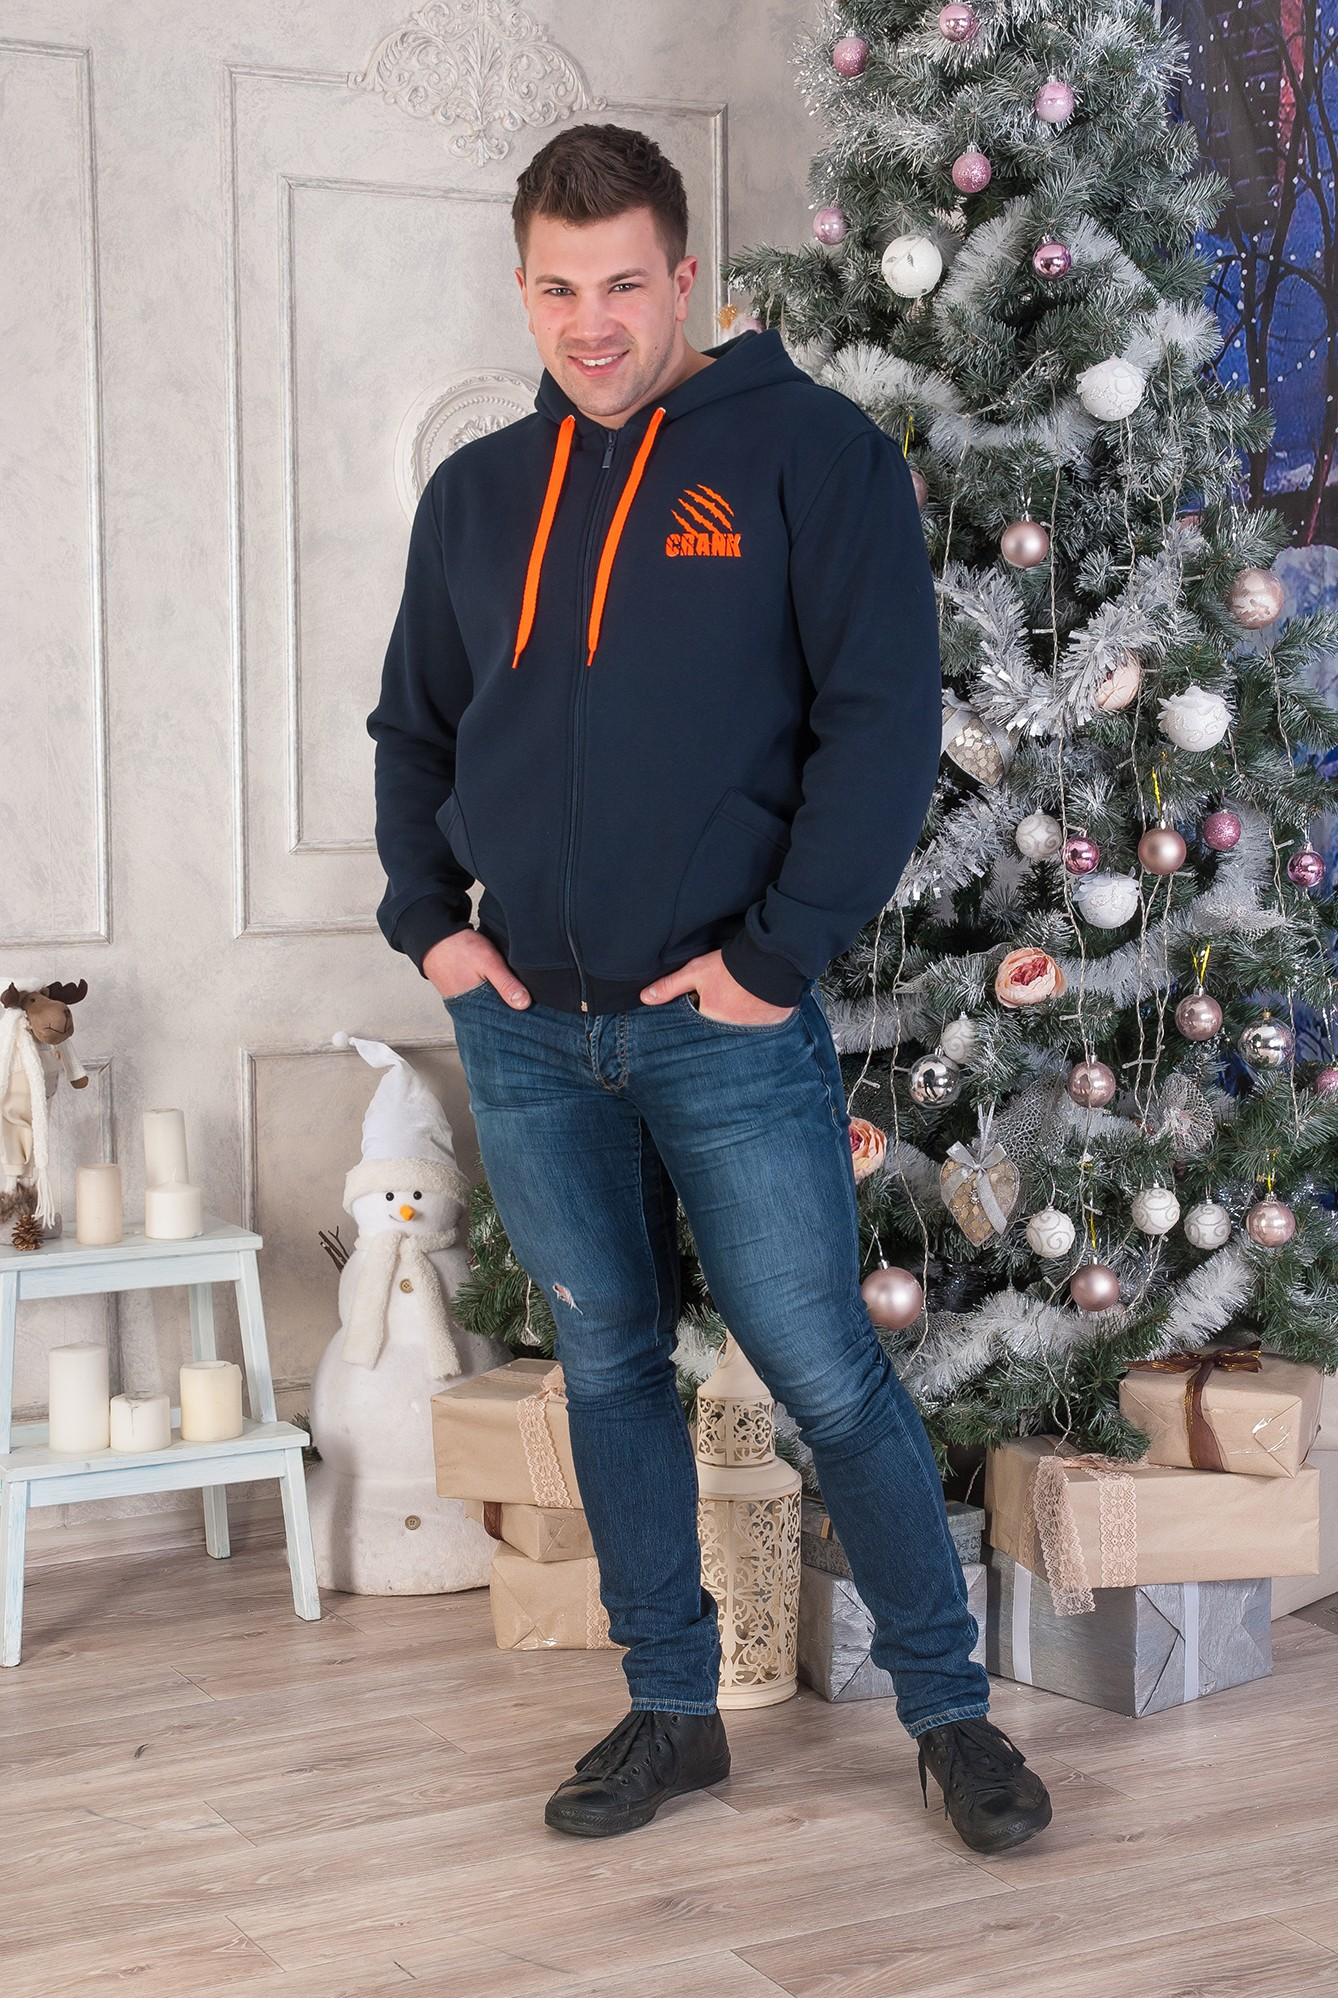 Толстовка мужская CRANK с капюшономДжемперы, свитеры, толстовки<br><br><br>Размер: 58